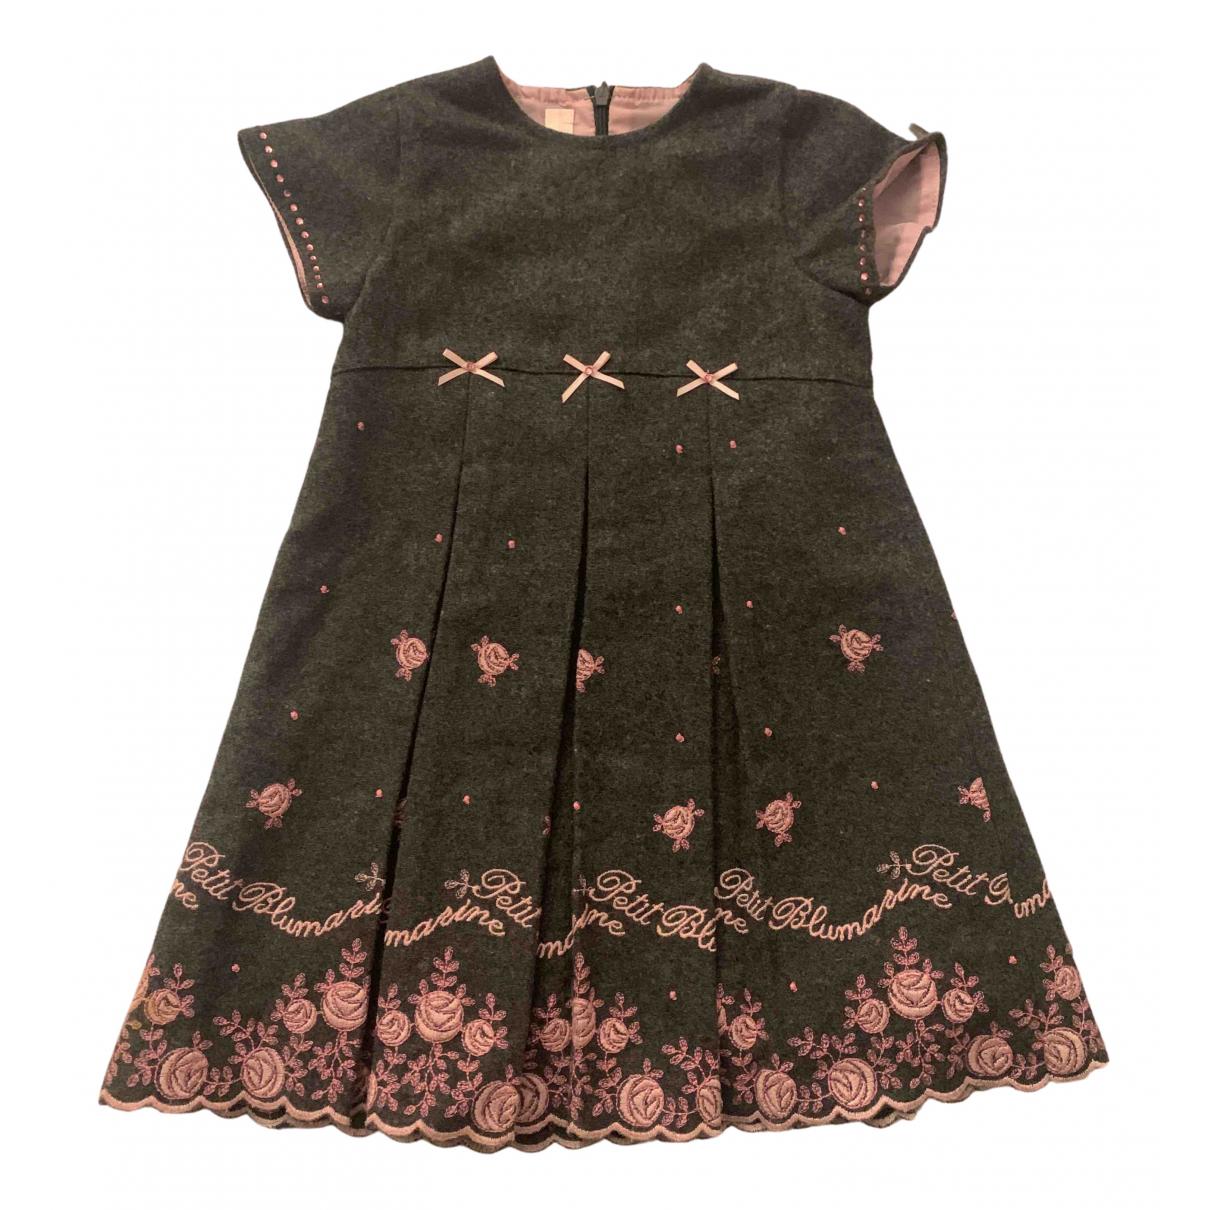 Blumarine \N Kleid in  Grau Wolle